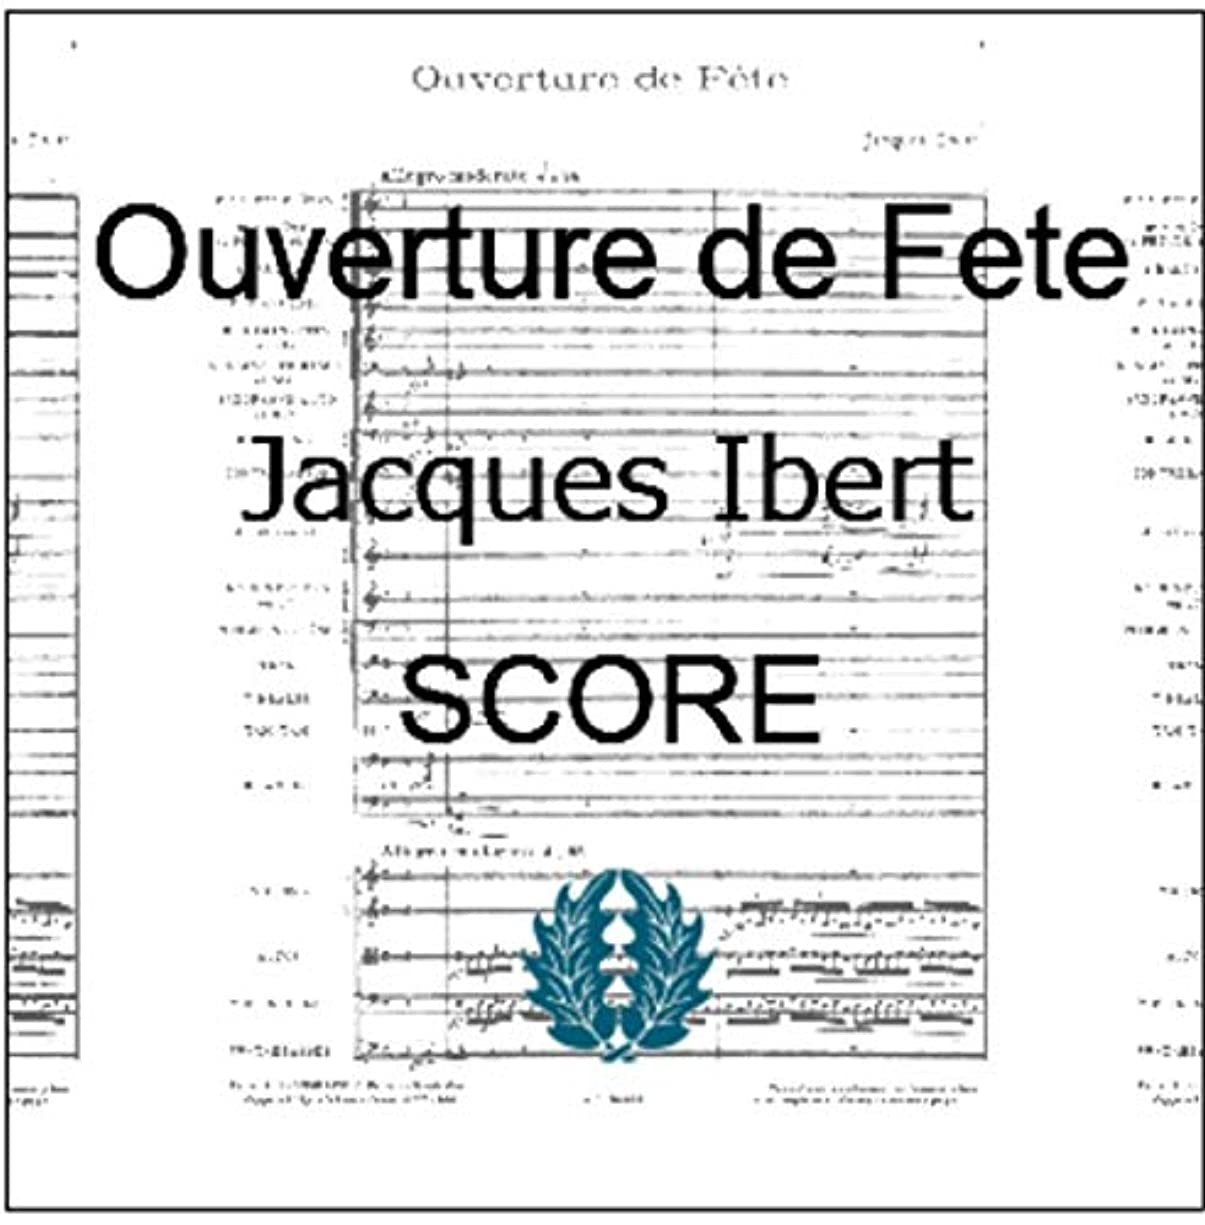 クラブ業界八楽譜 pdf オーケストラ スコア イベール 祝典序曲